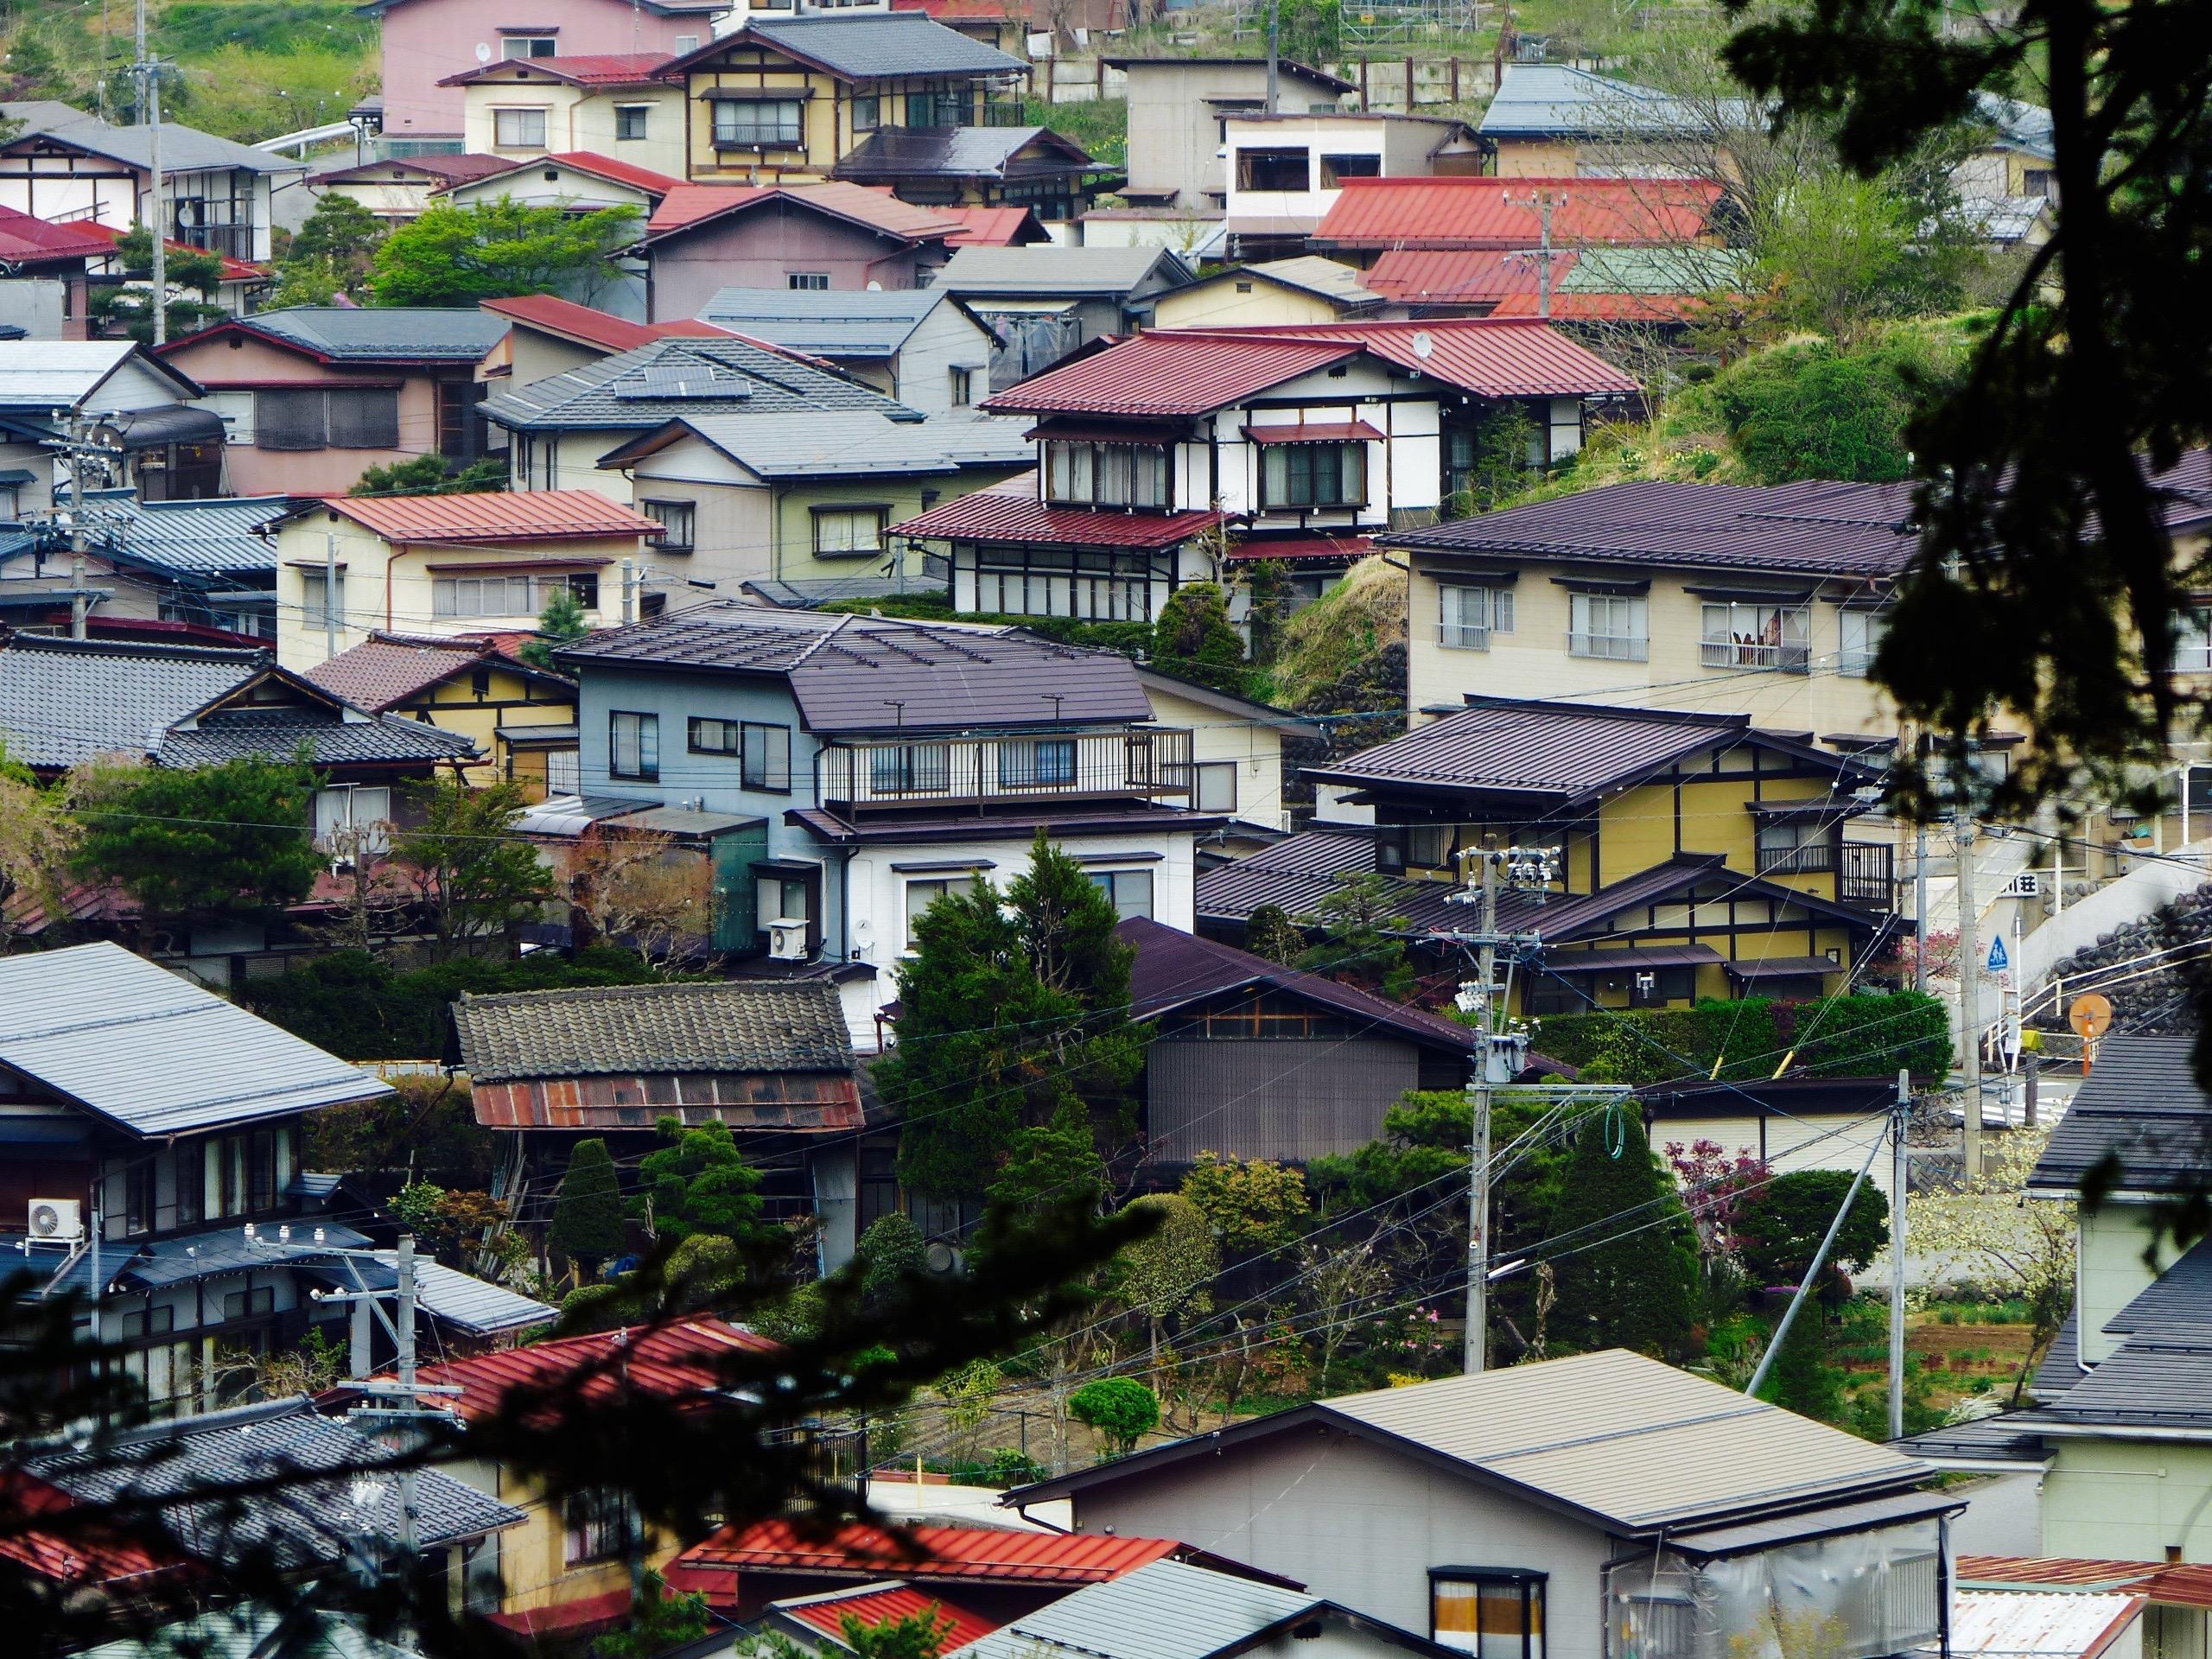 takayama blog voyage japon